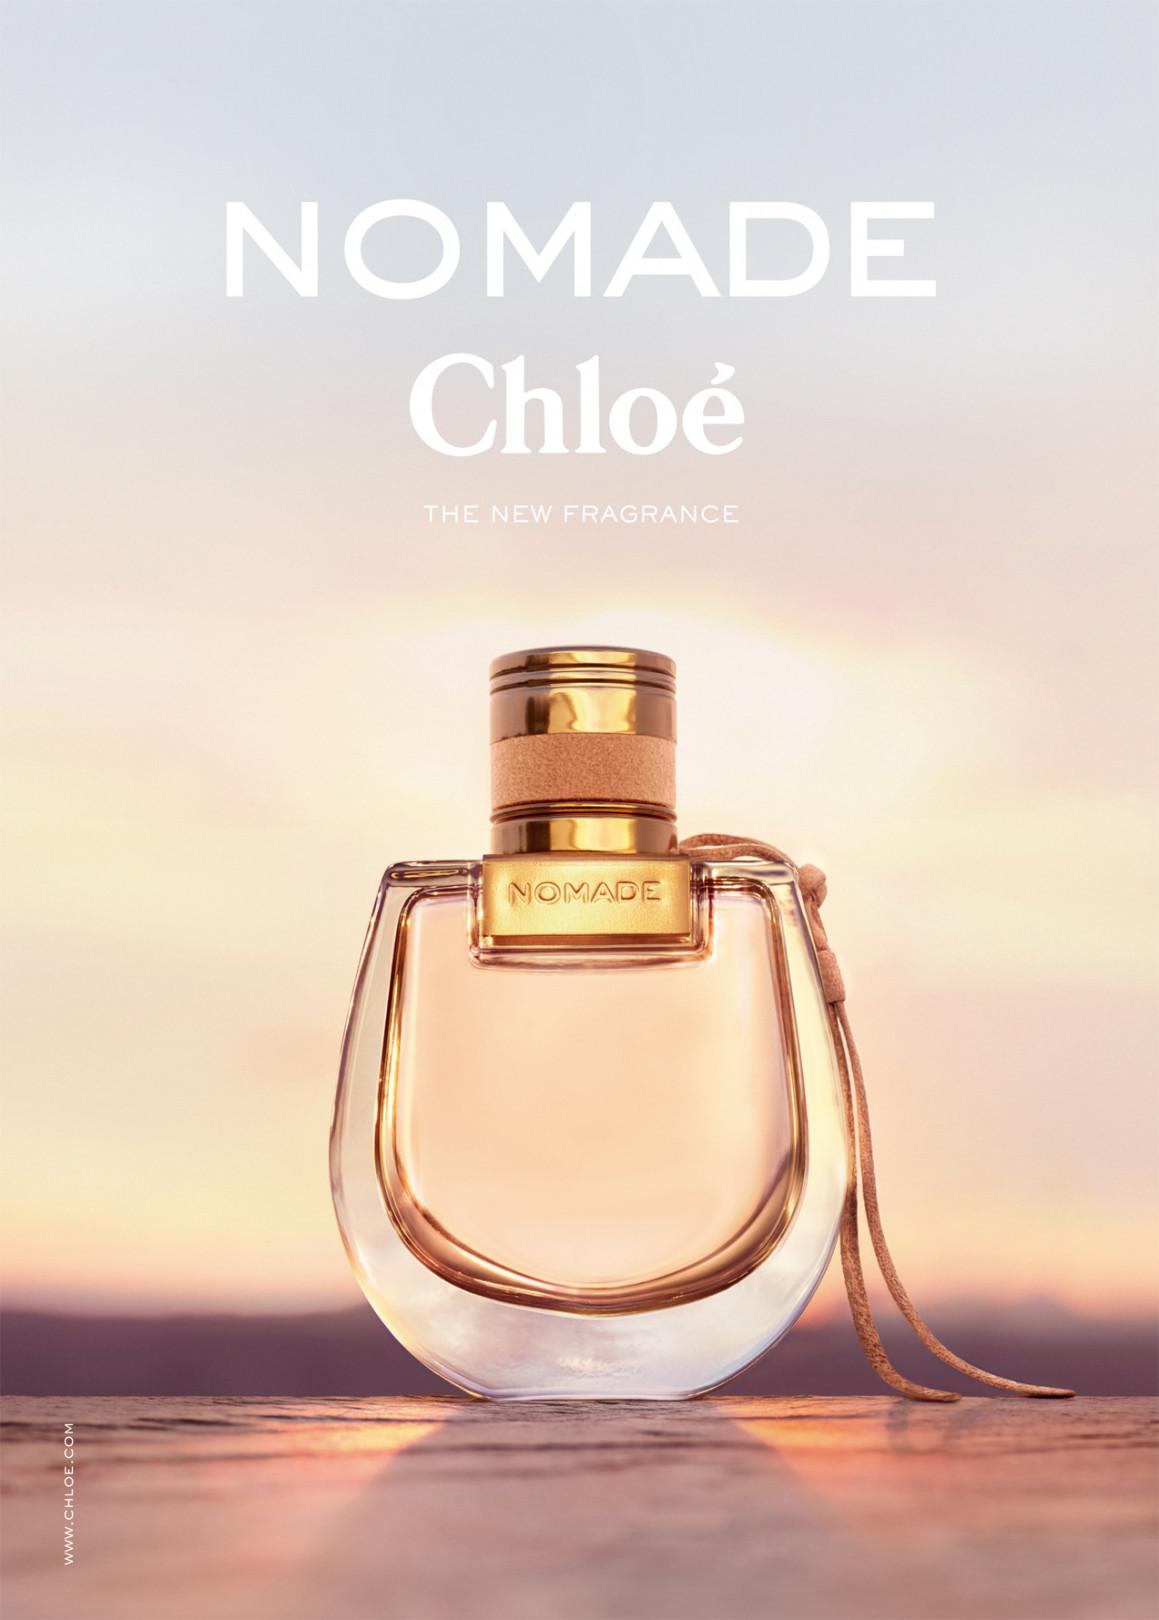 nomade chloé